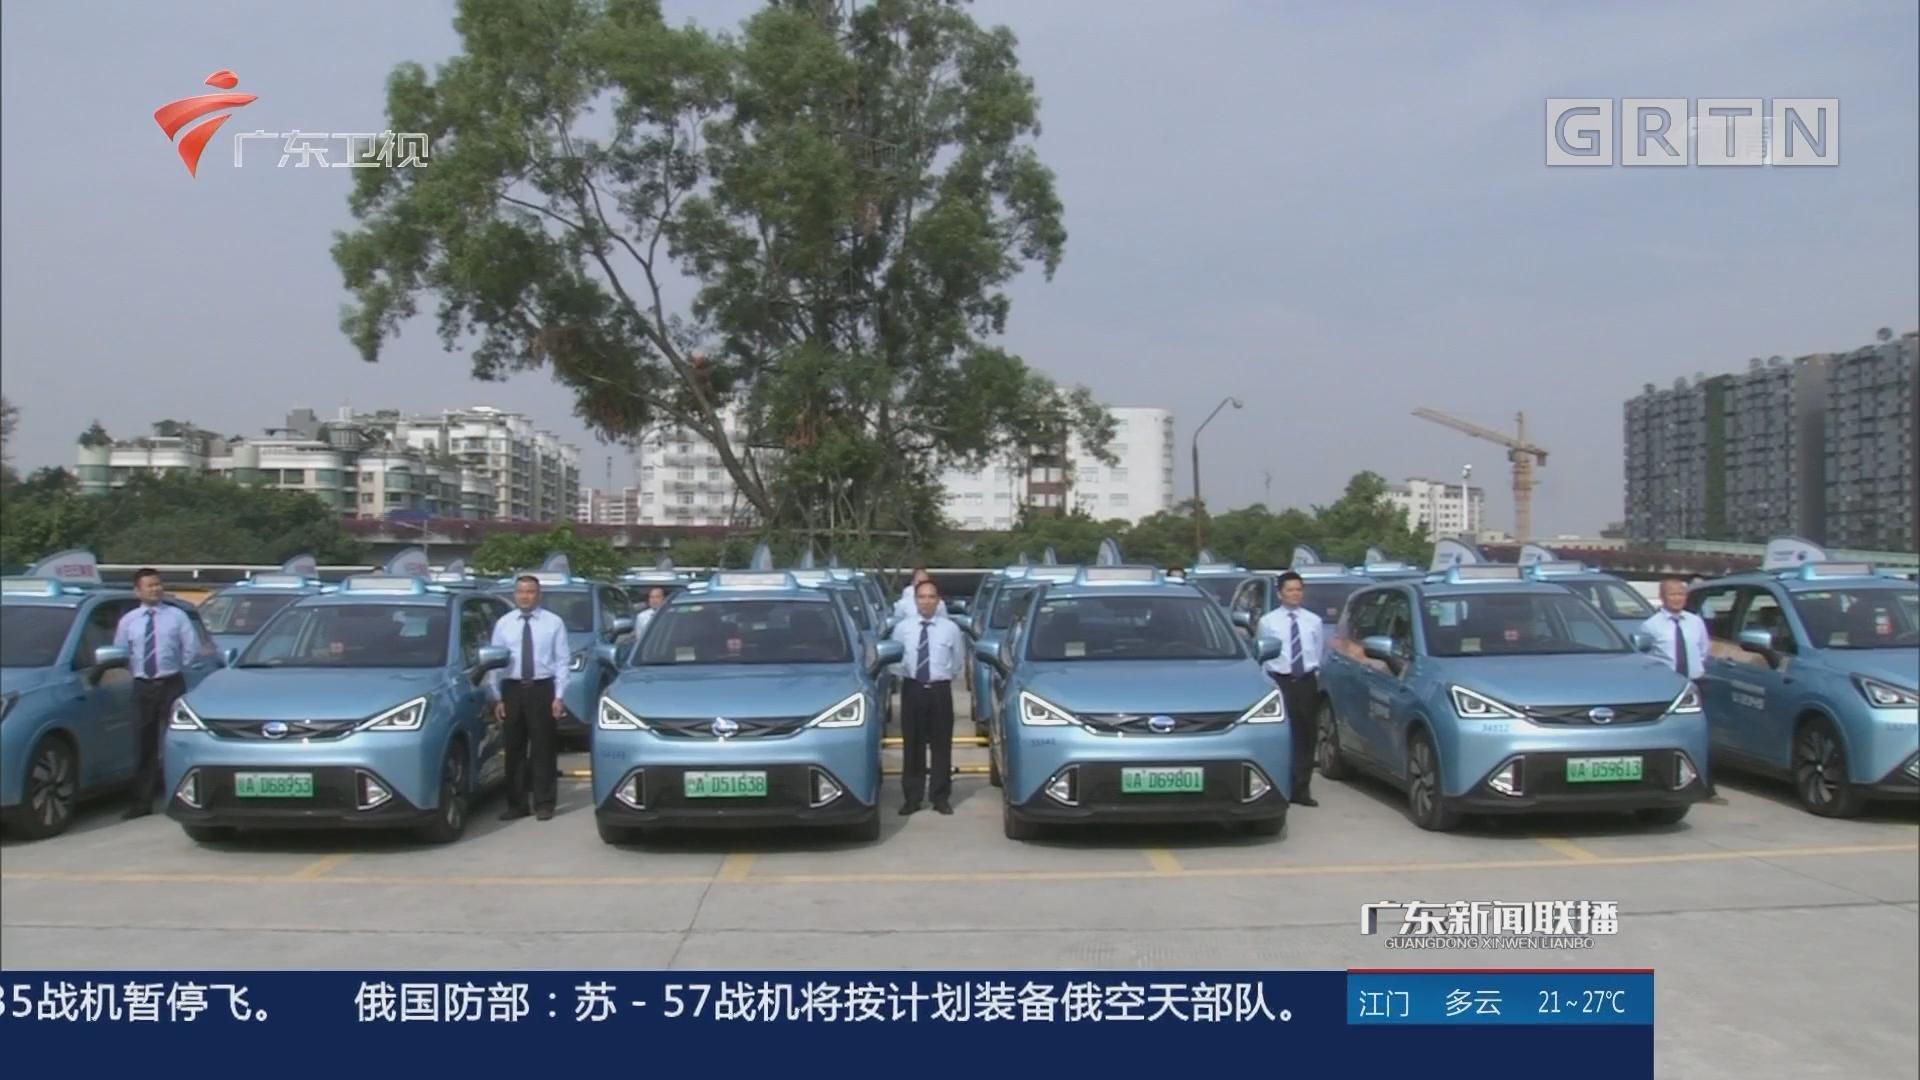 广州首批环保SUV出租车上路运营